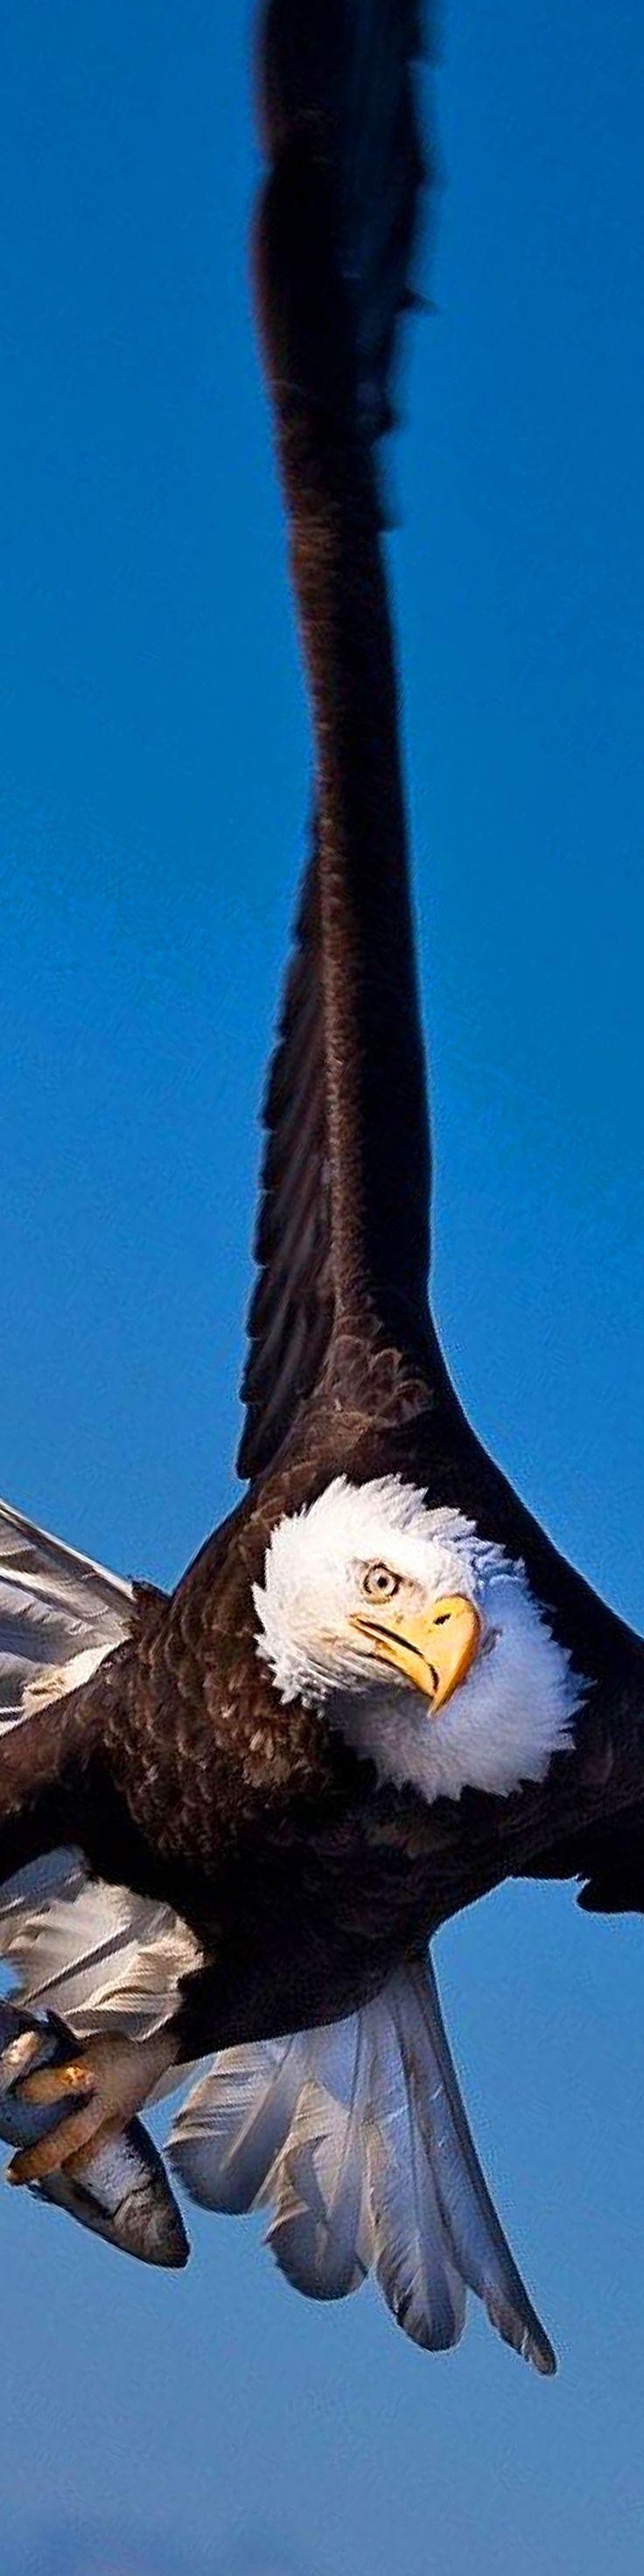 Vou voar como águia                                                                                                                                                                                 Mais